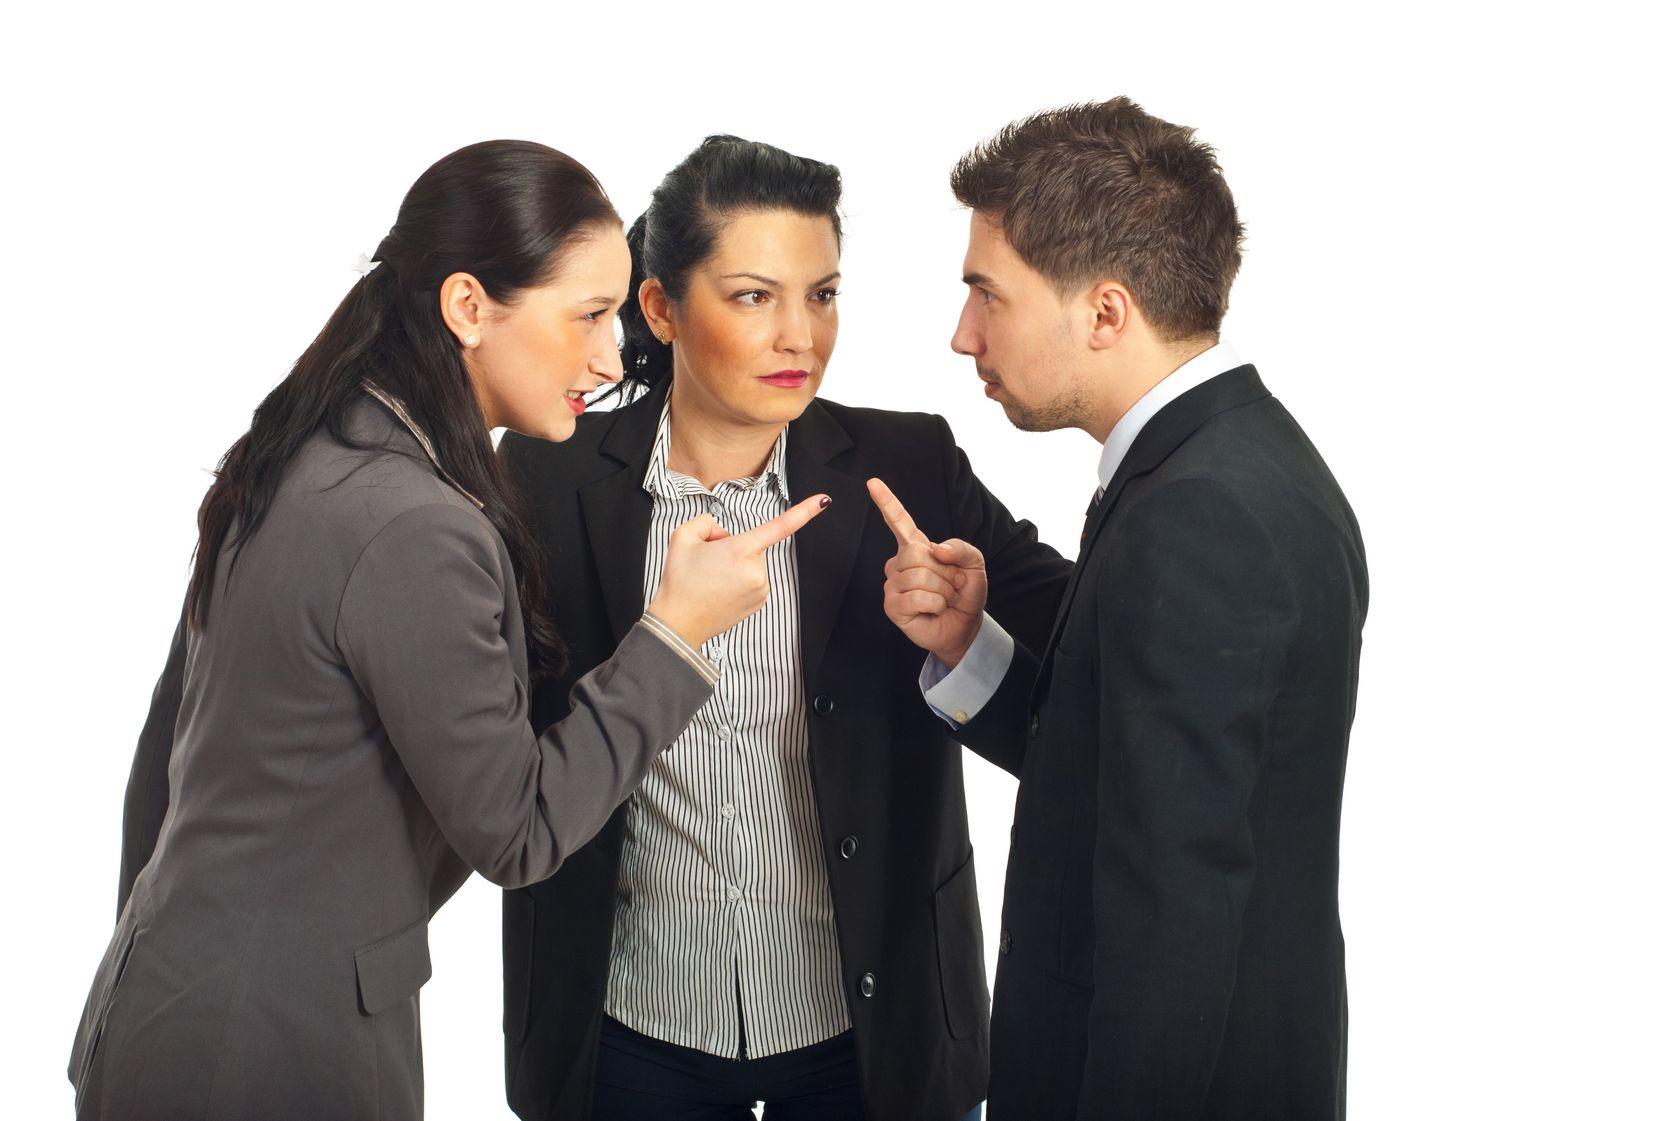 Иногда выяснение отношений требует третьего – нейтрального участника